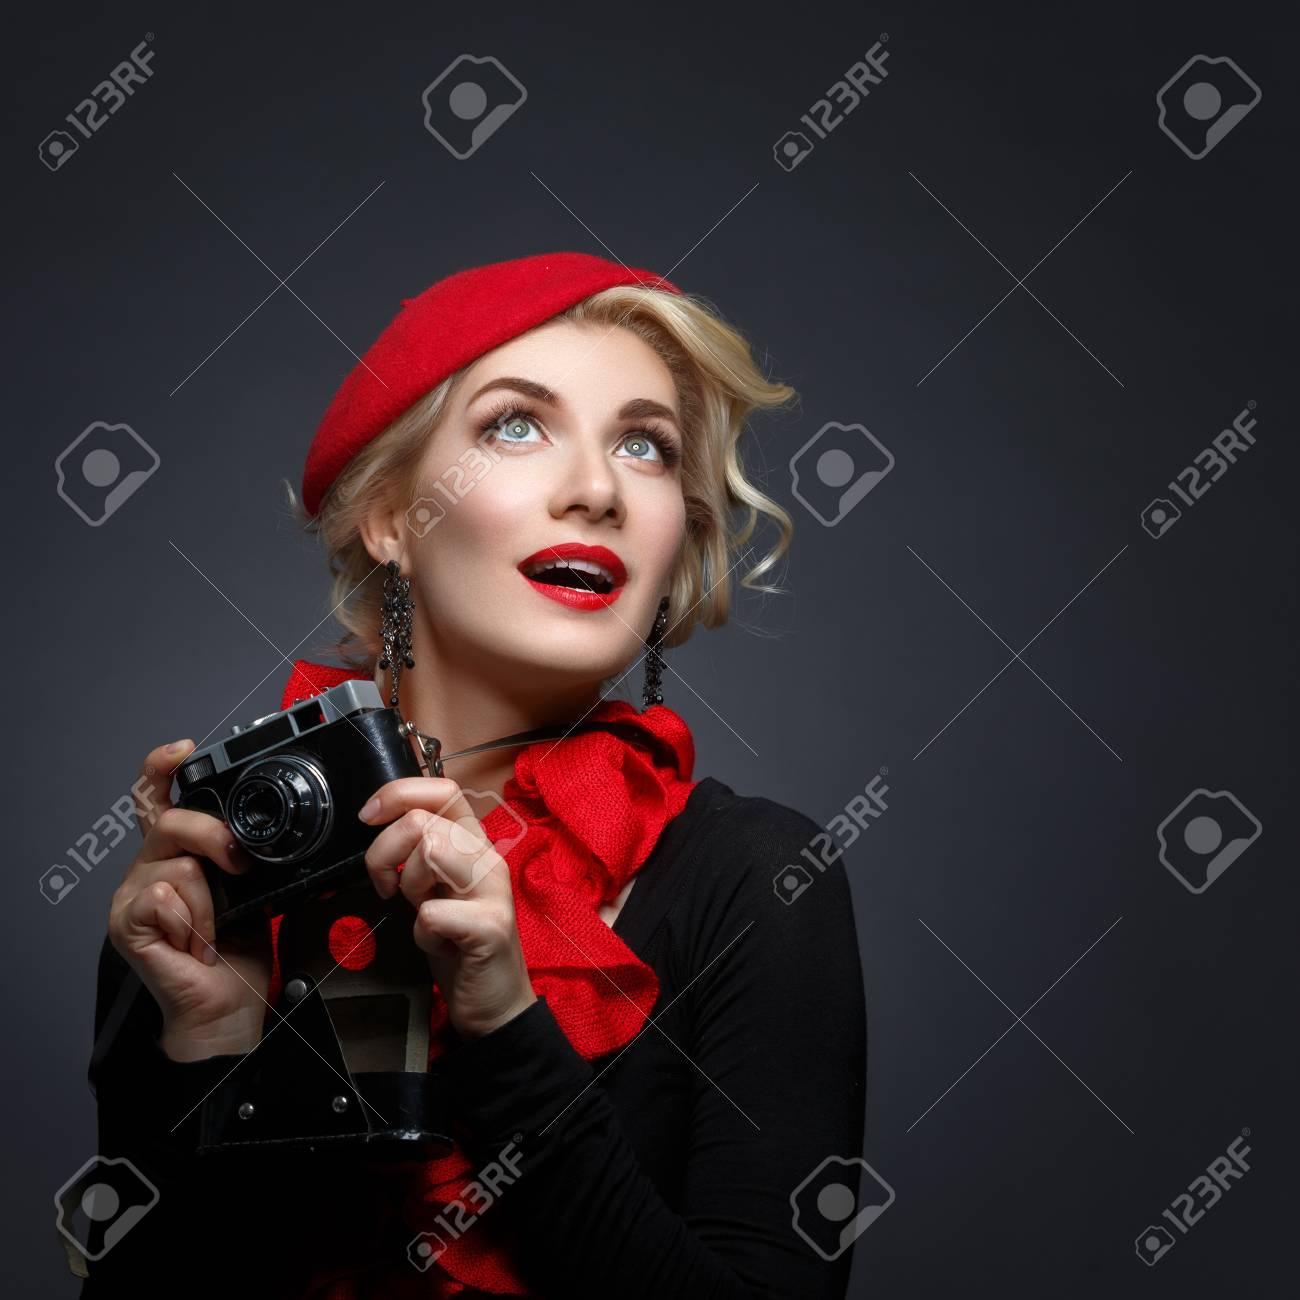 9c195ab38abb 62176193-giovane-e-bella-donna-in-berretto-rosso -in-possesso-di-macchina-fotografica-retrò-espressione-sorpresa-.jpg